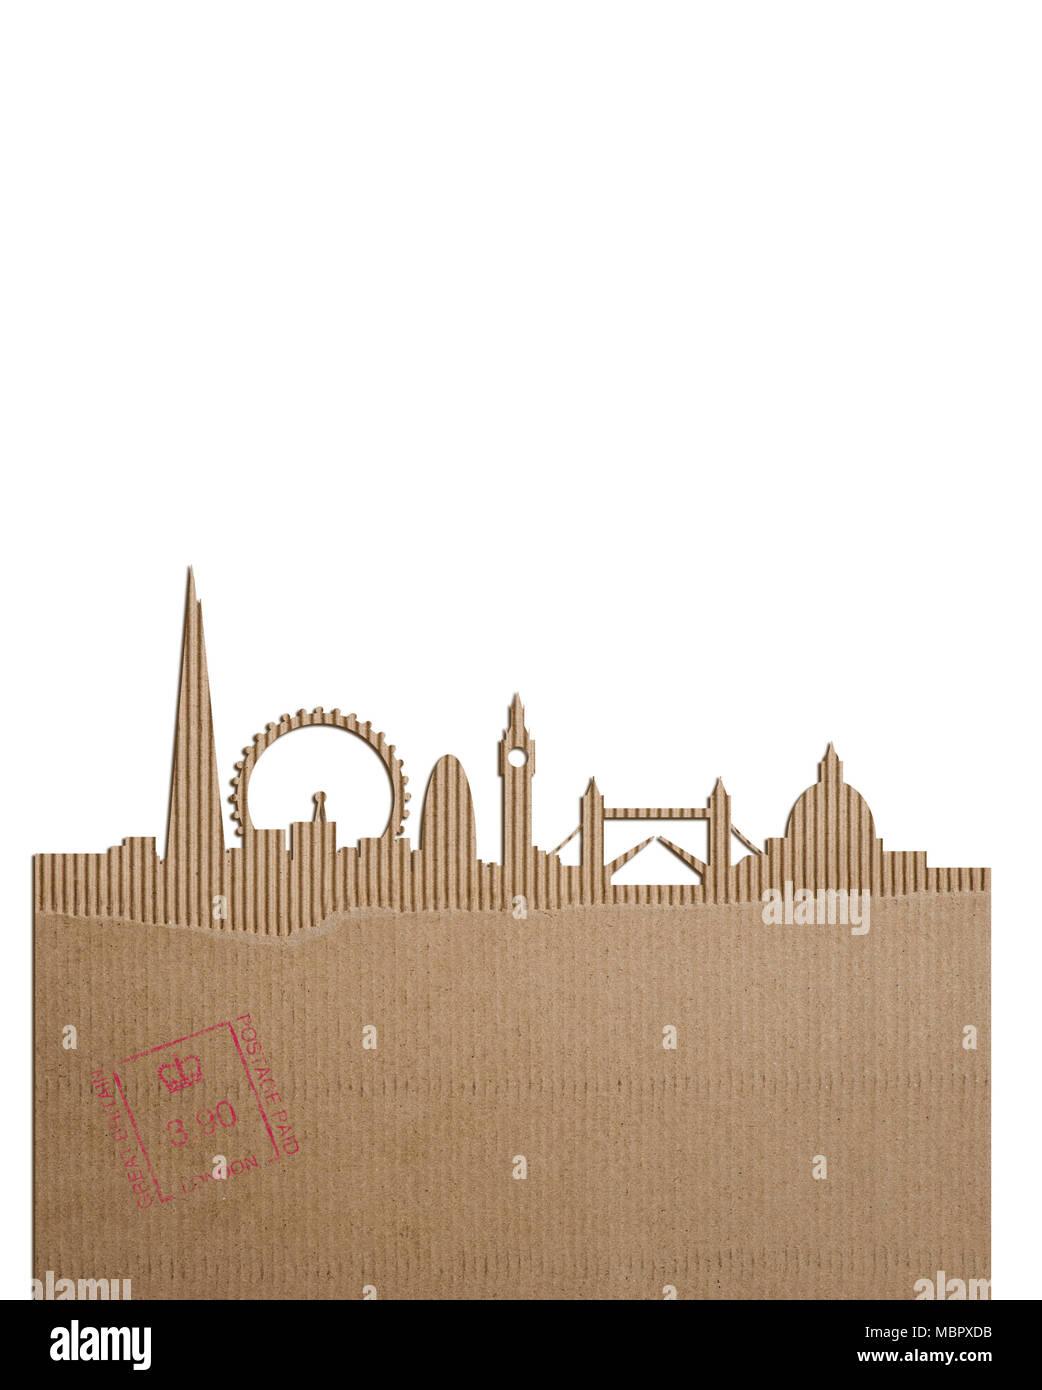 Une découpe en carton de la ville de Londres Banque D'Images